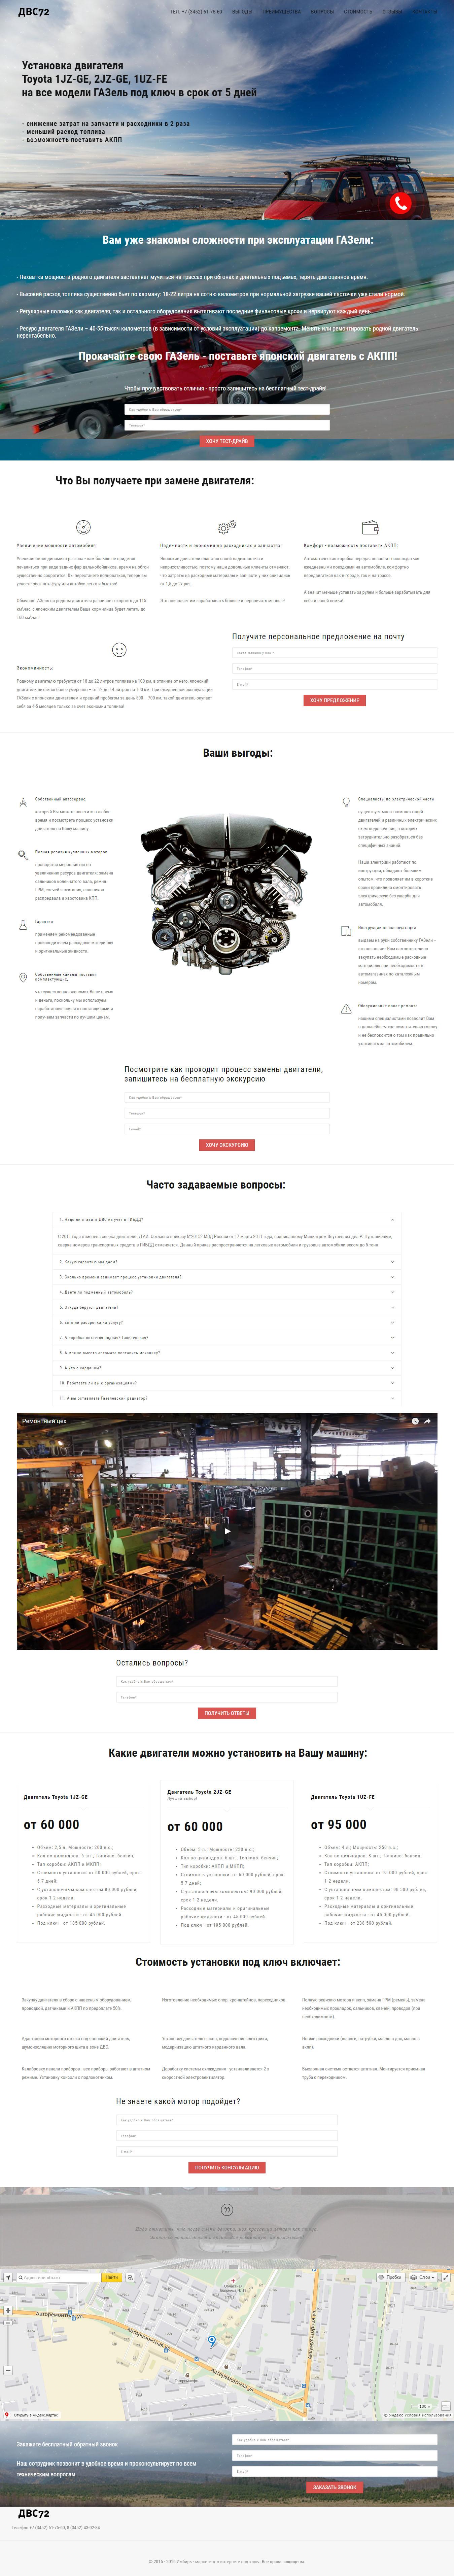 landing page, создание лендинг пейдж, заказать сайт, примеры сайта, конверсия лендинга, разработка landing page, лучшие сайты, оптимизация посадочных страниц, интернет маркетинг под ключ